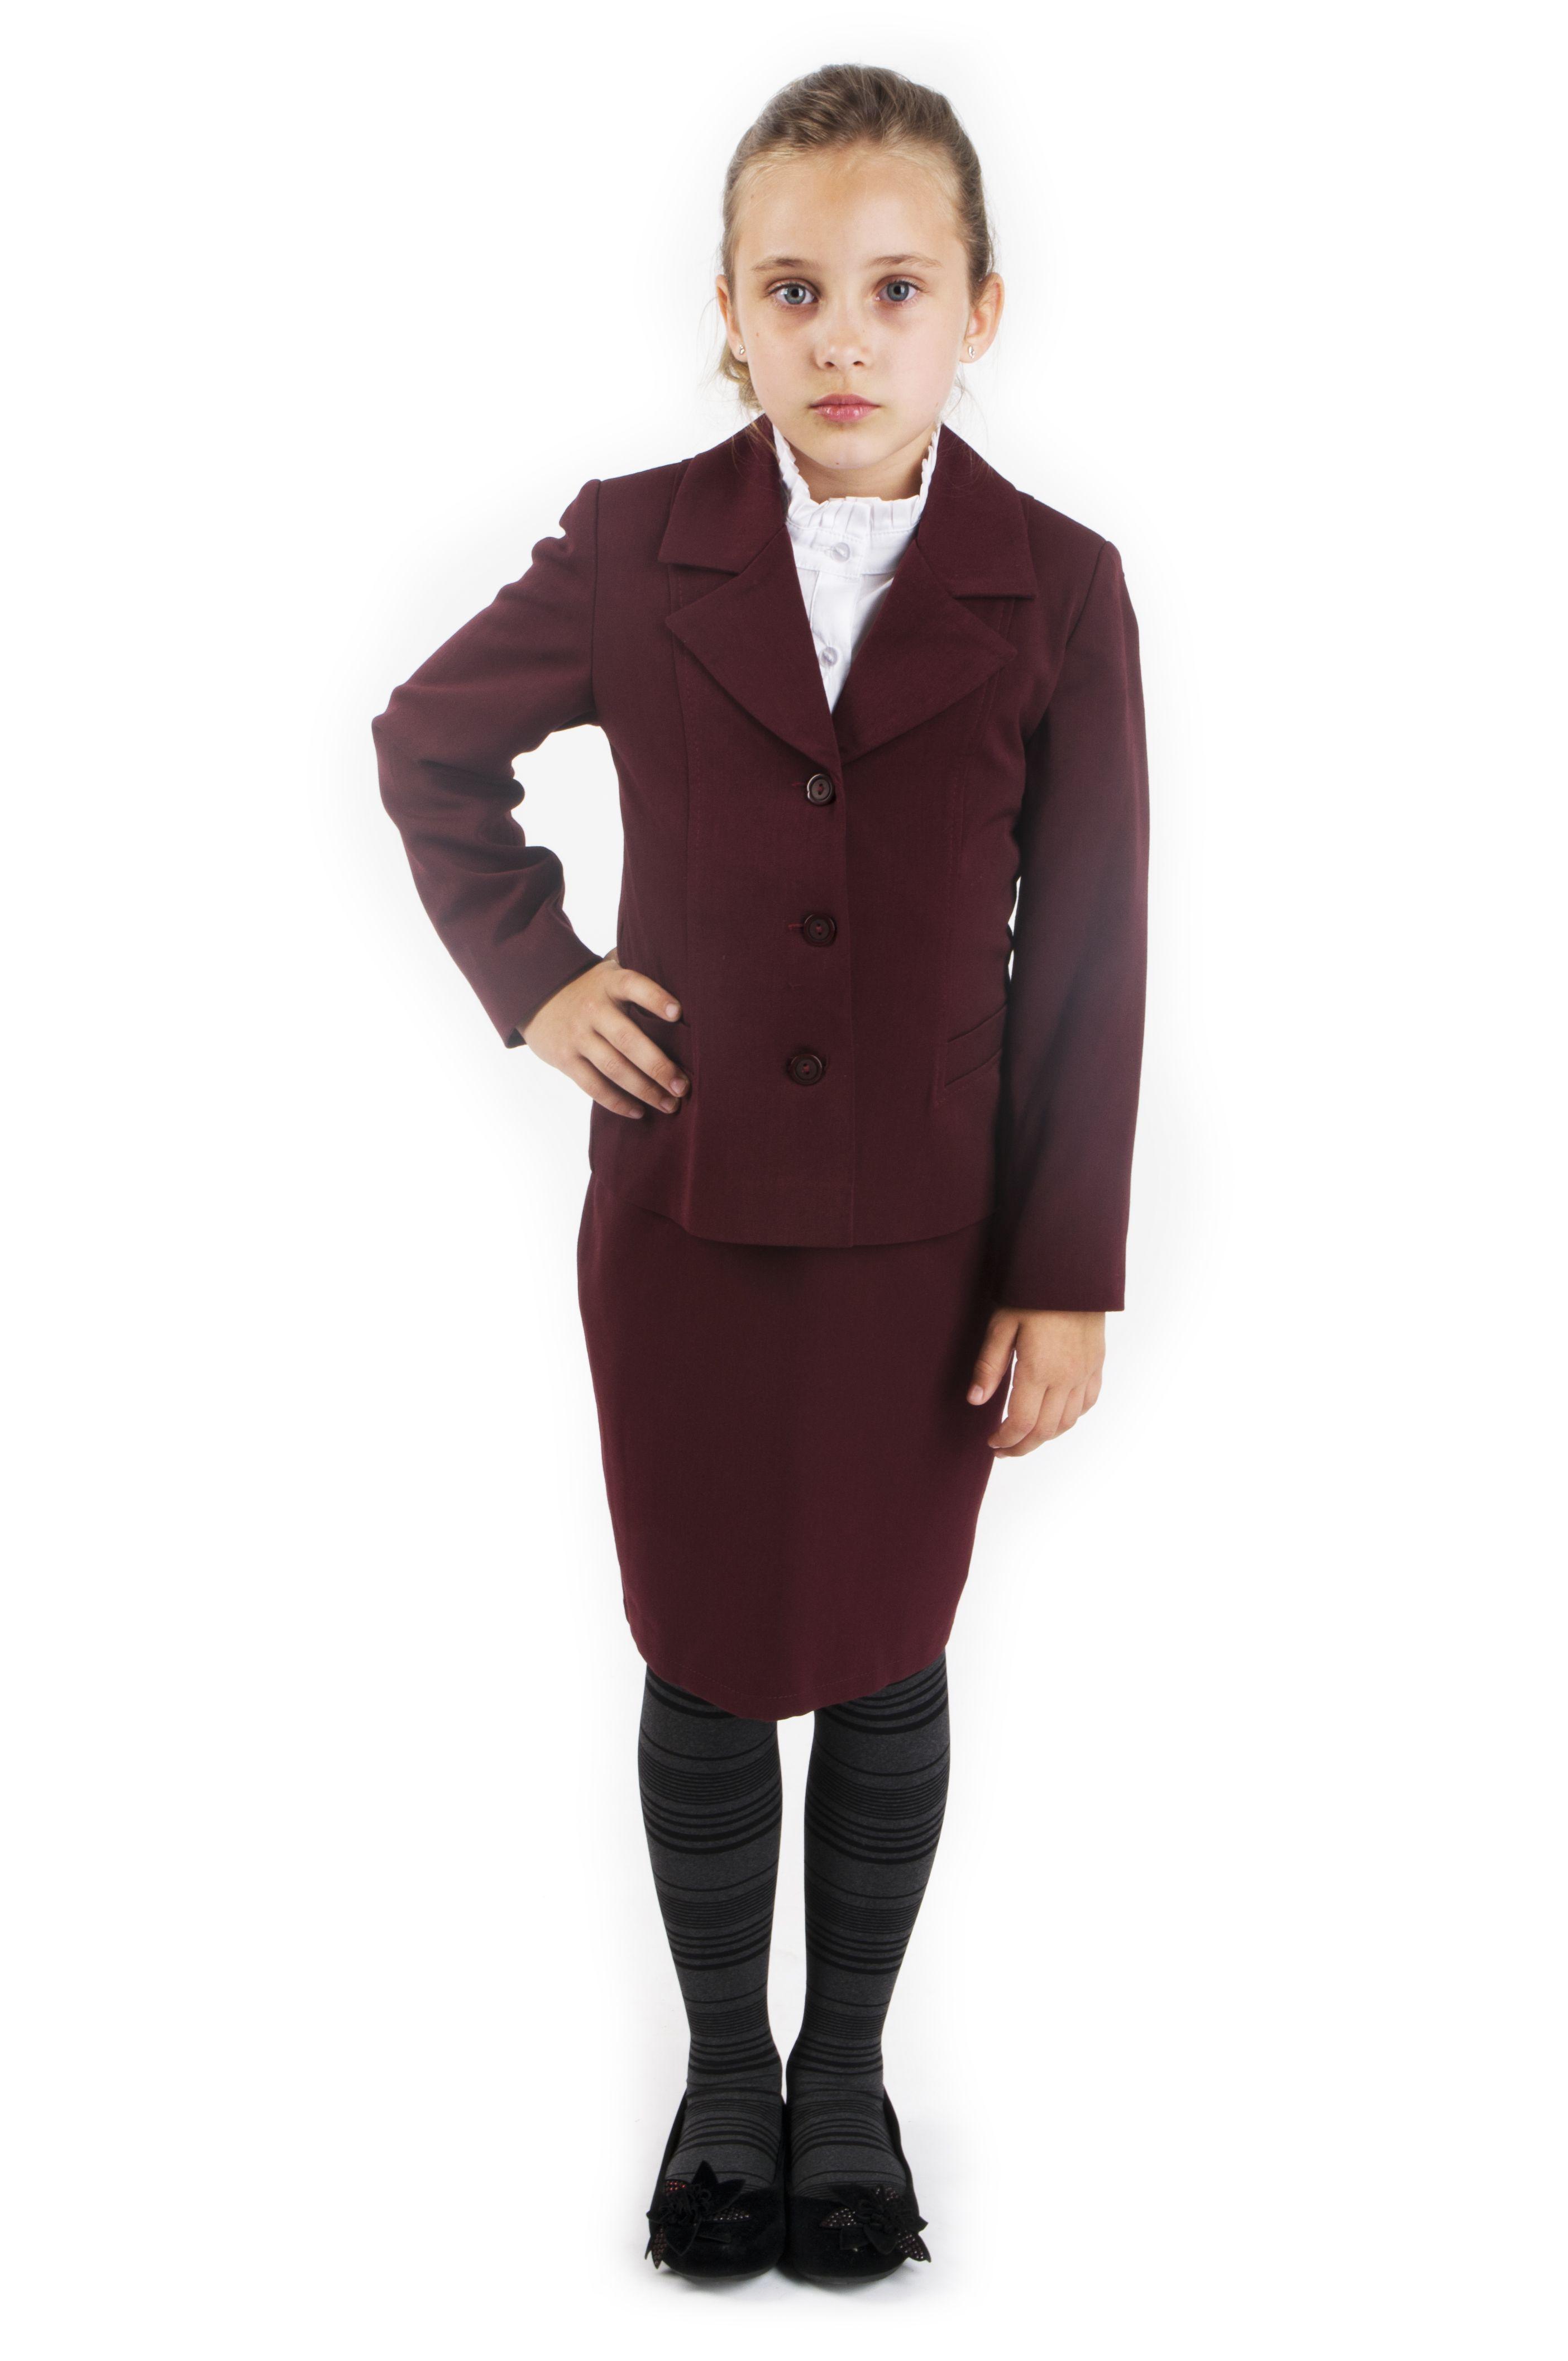 54ff64959145 Школьные пиджаки для девочек — купить школьную форму